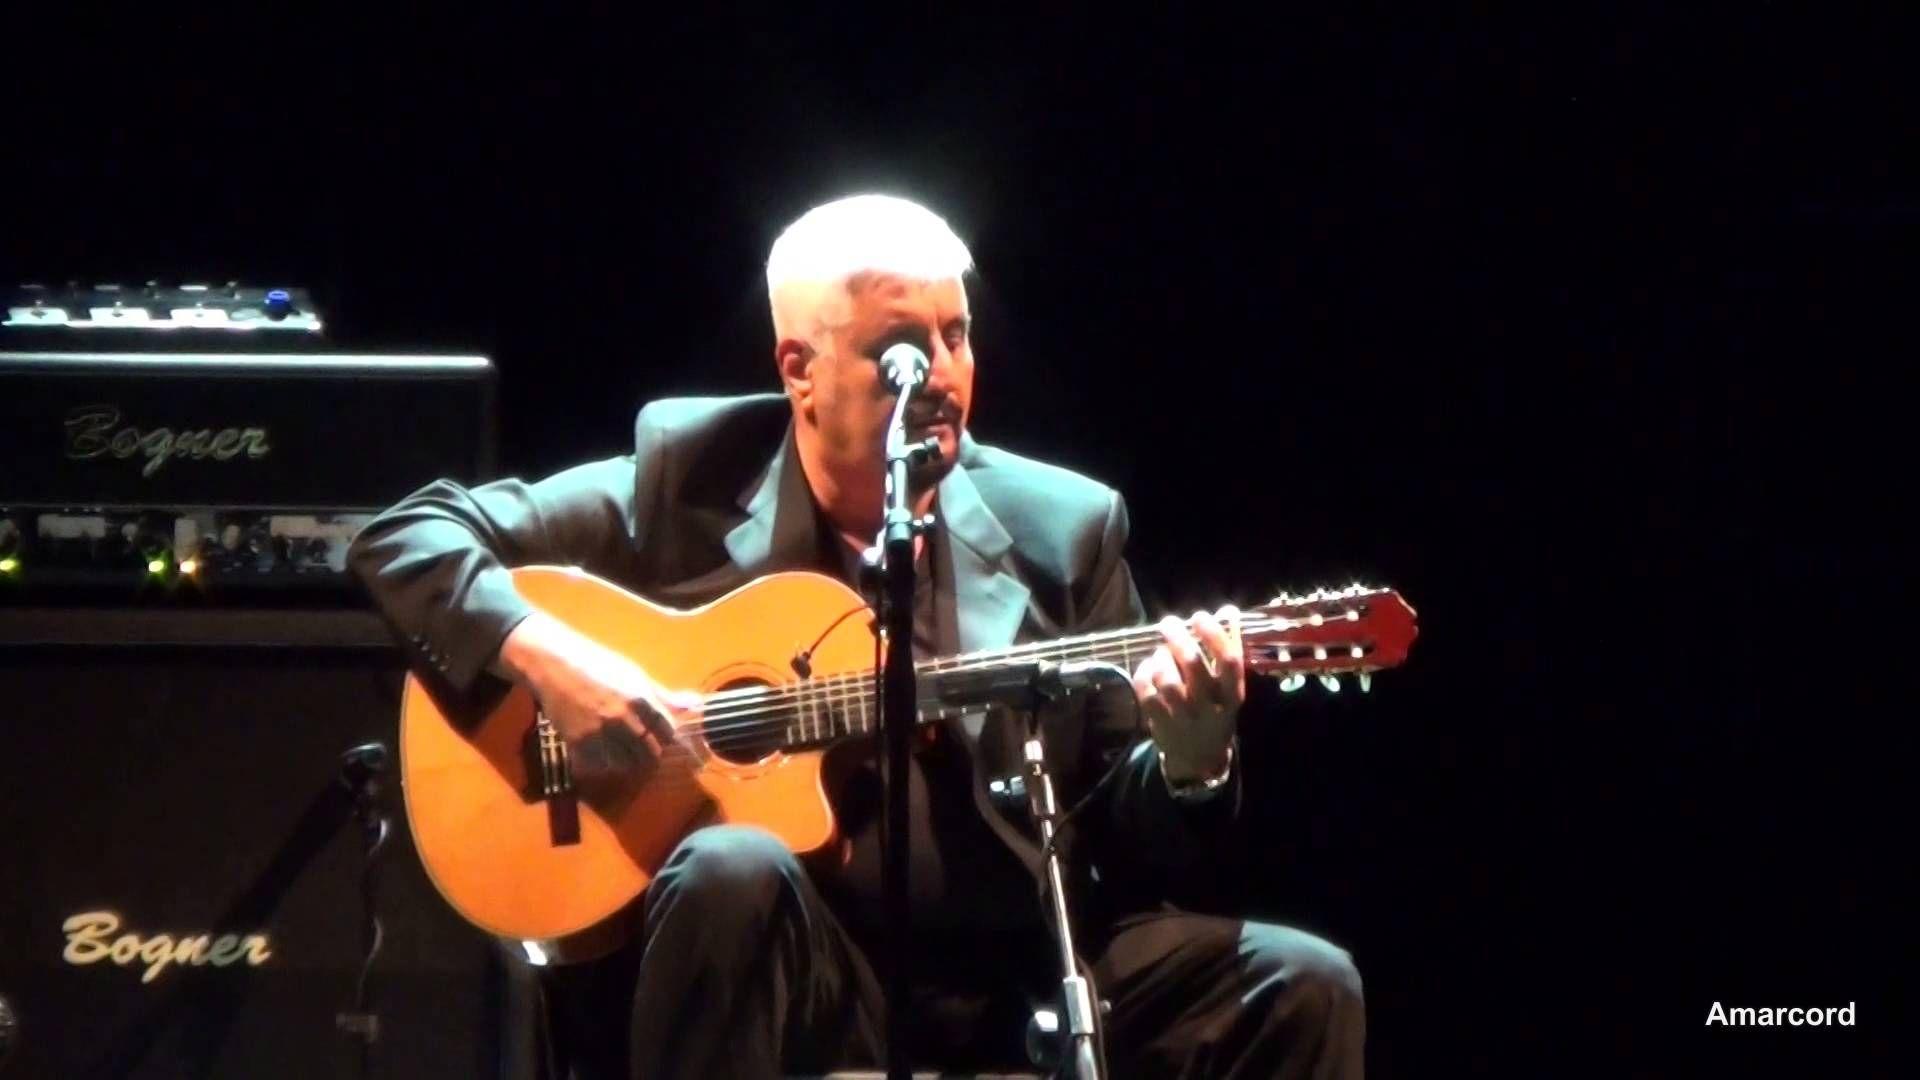 Resta...Resta cu' mmè  - Pino Daniele live Arena di Verona 01.09.2014